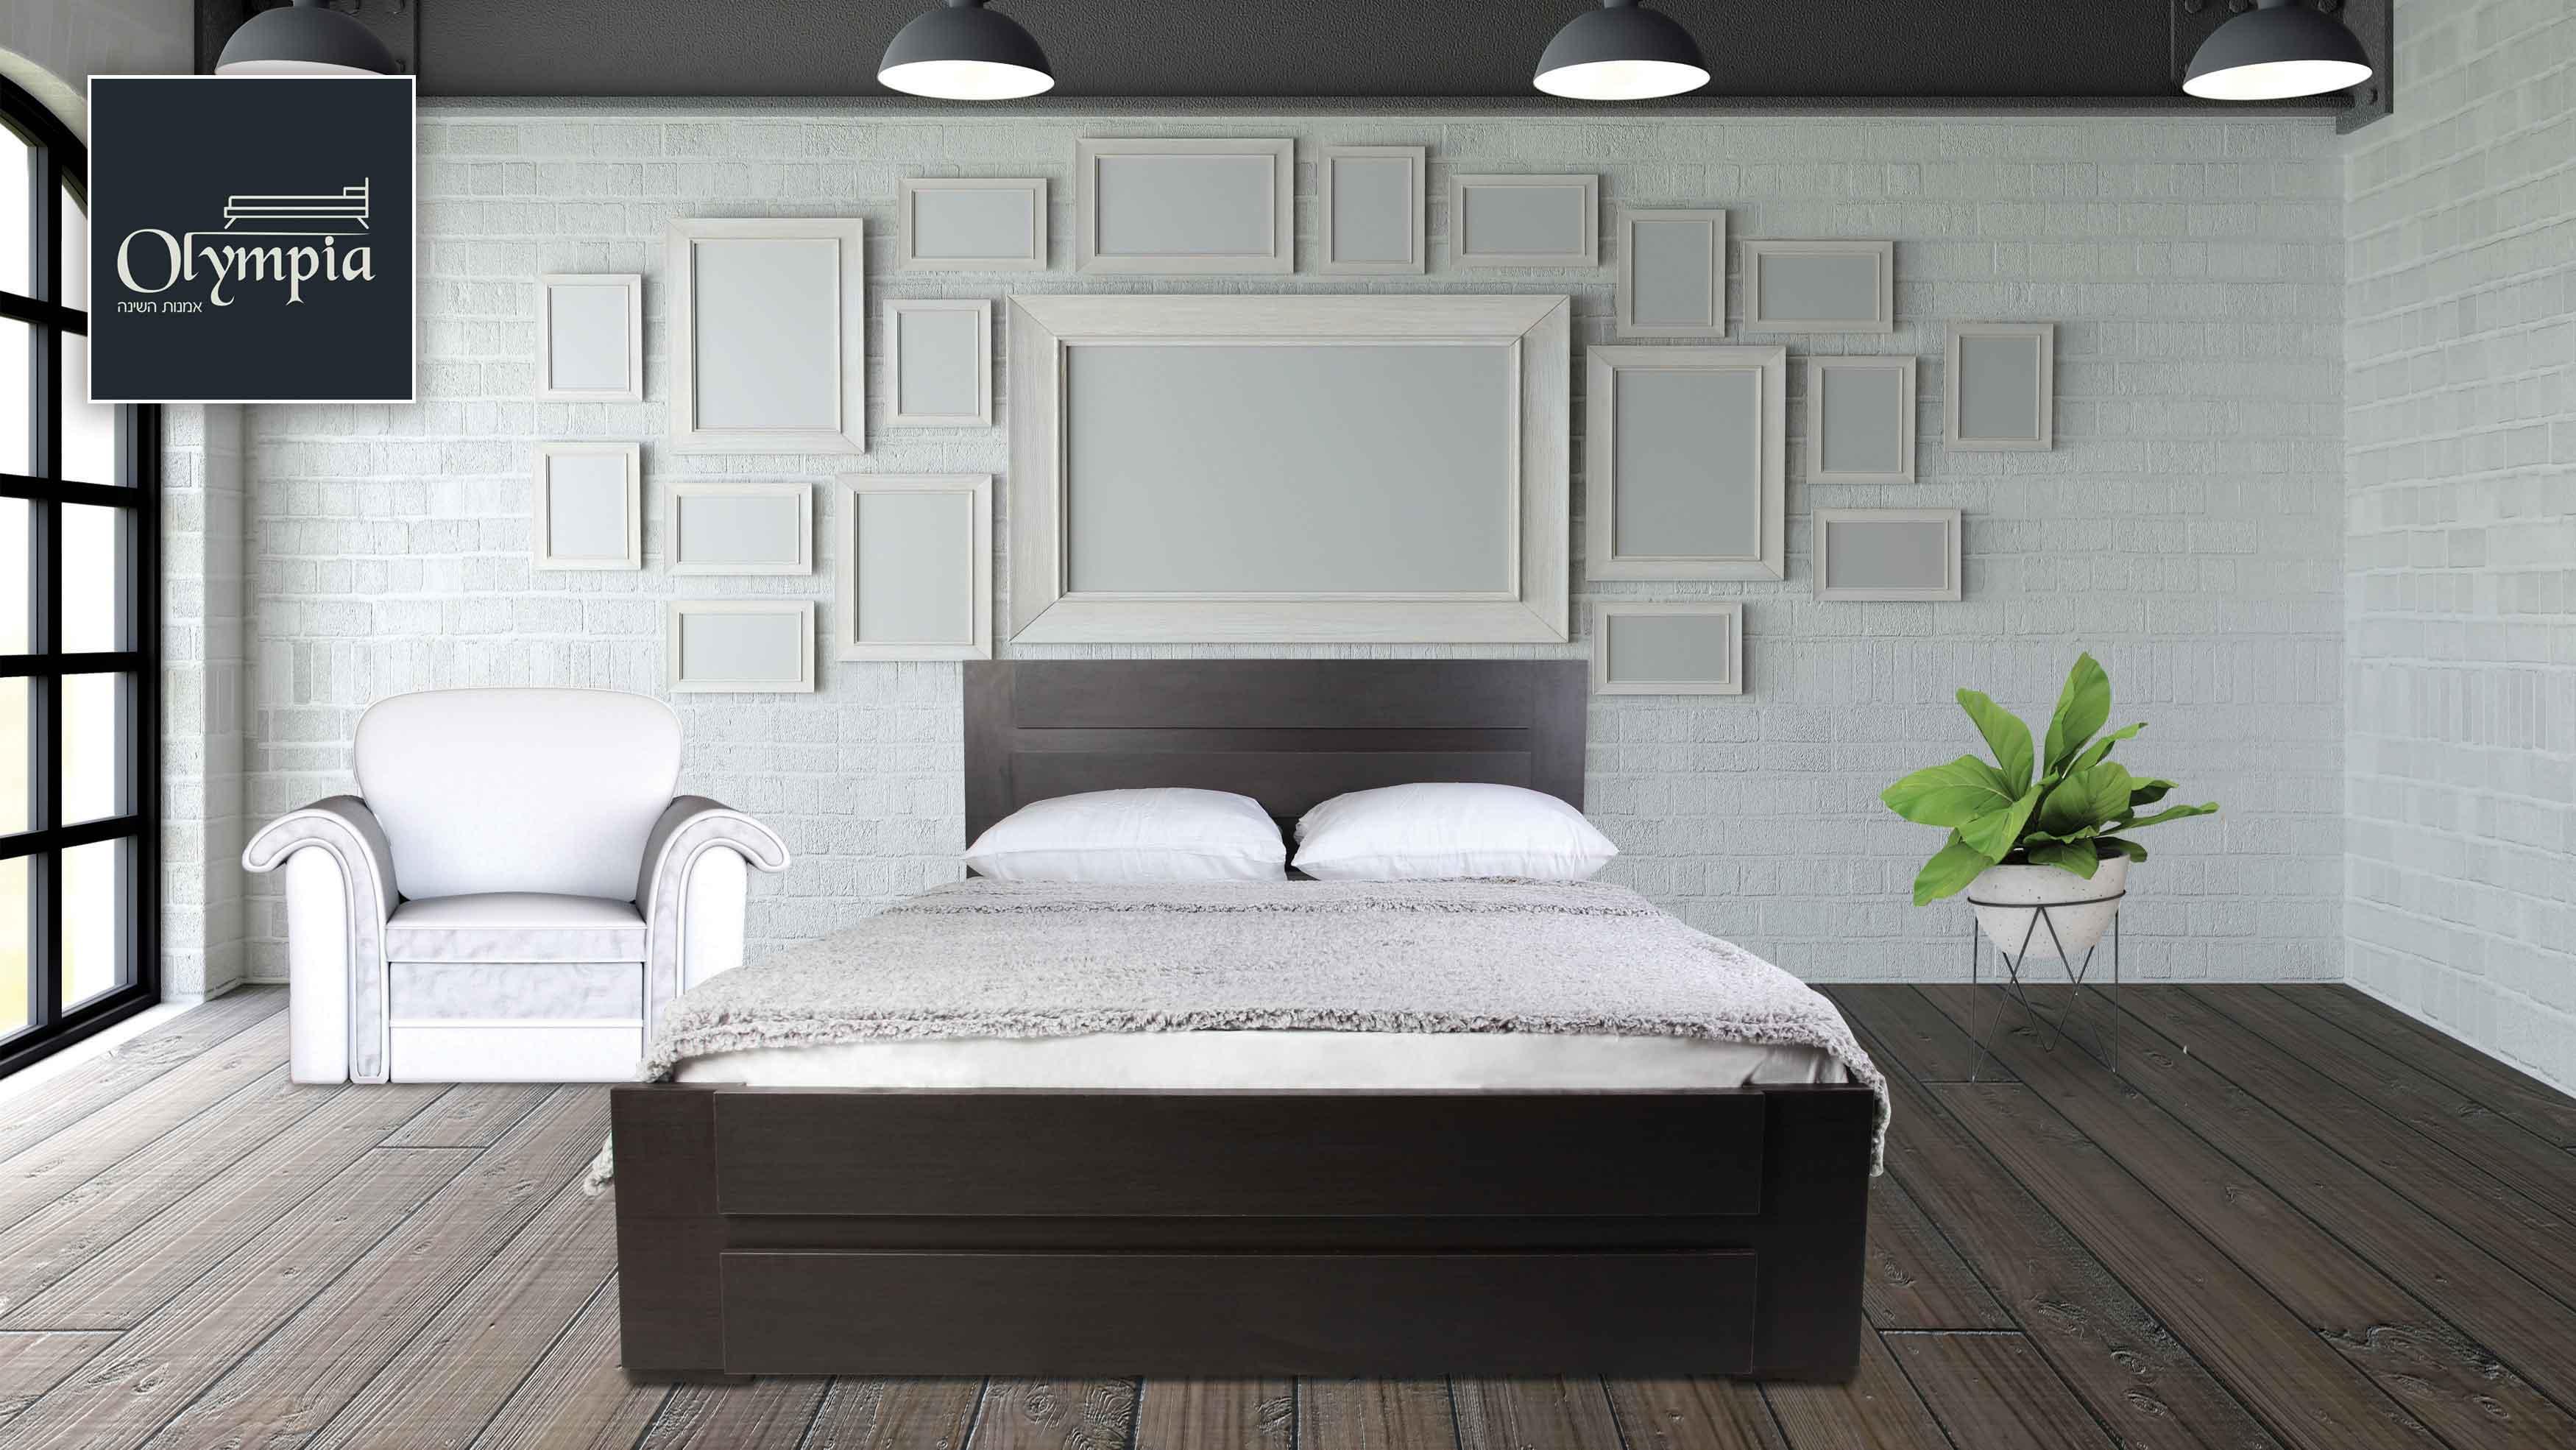 מיטה מעוצבת עשויה עץ במגוון צבעים לבחירה + מזרן קפיצים מתנה Olympia - תמונה 2